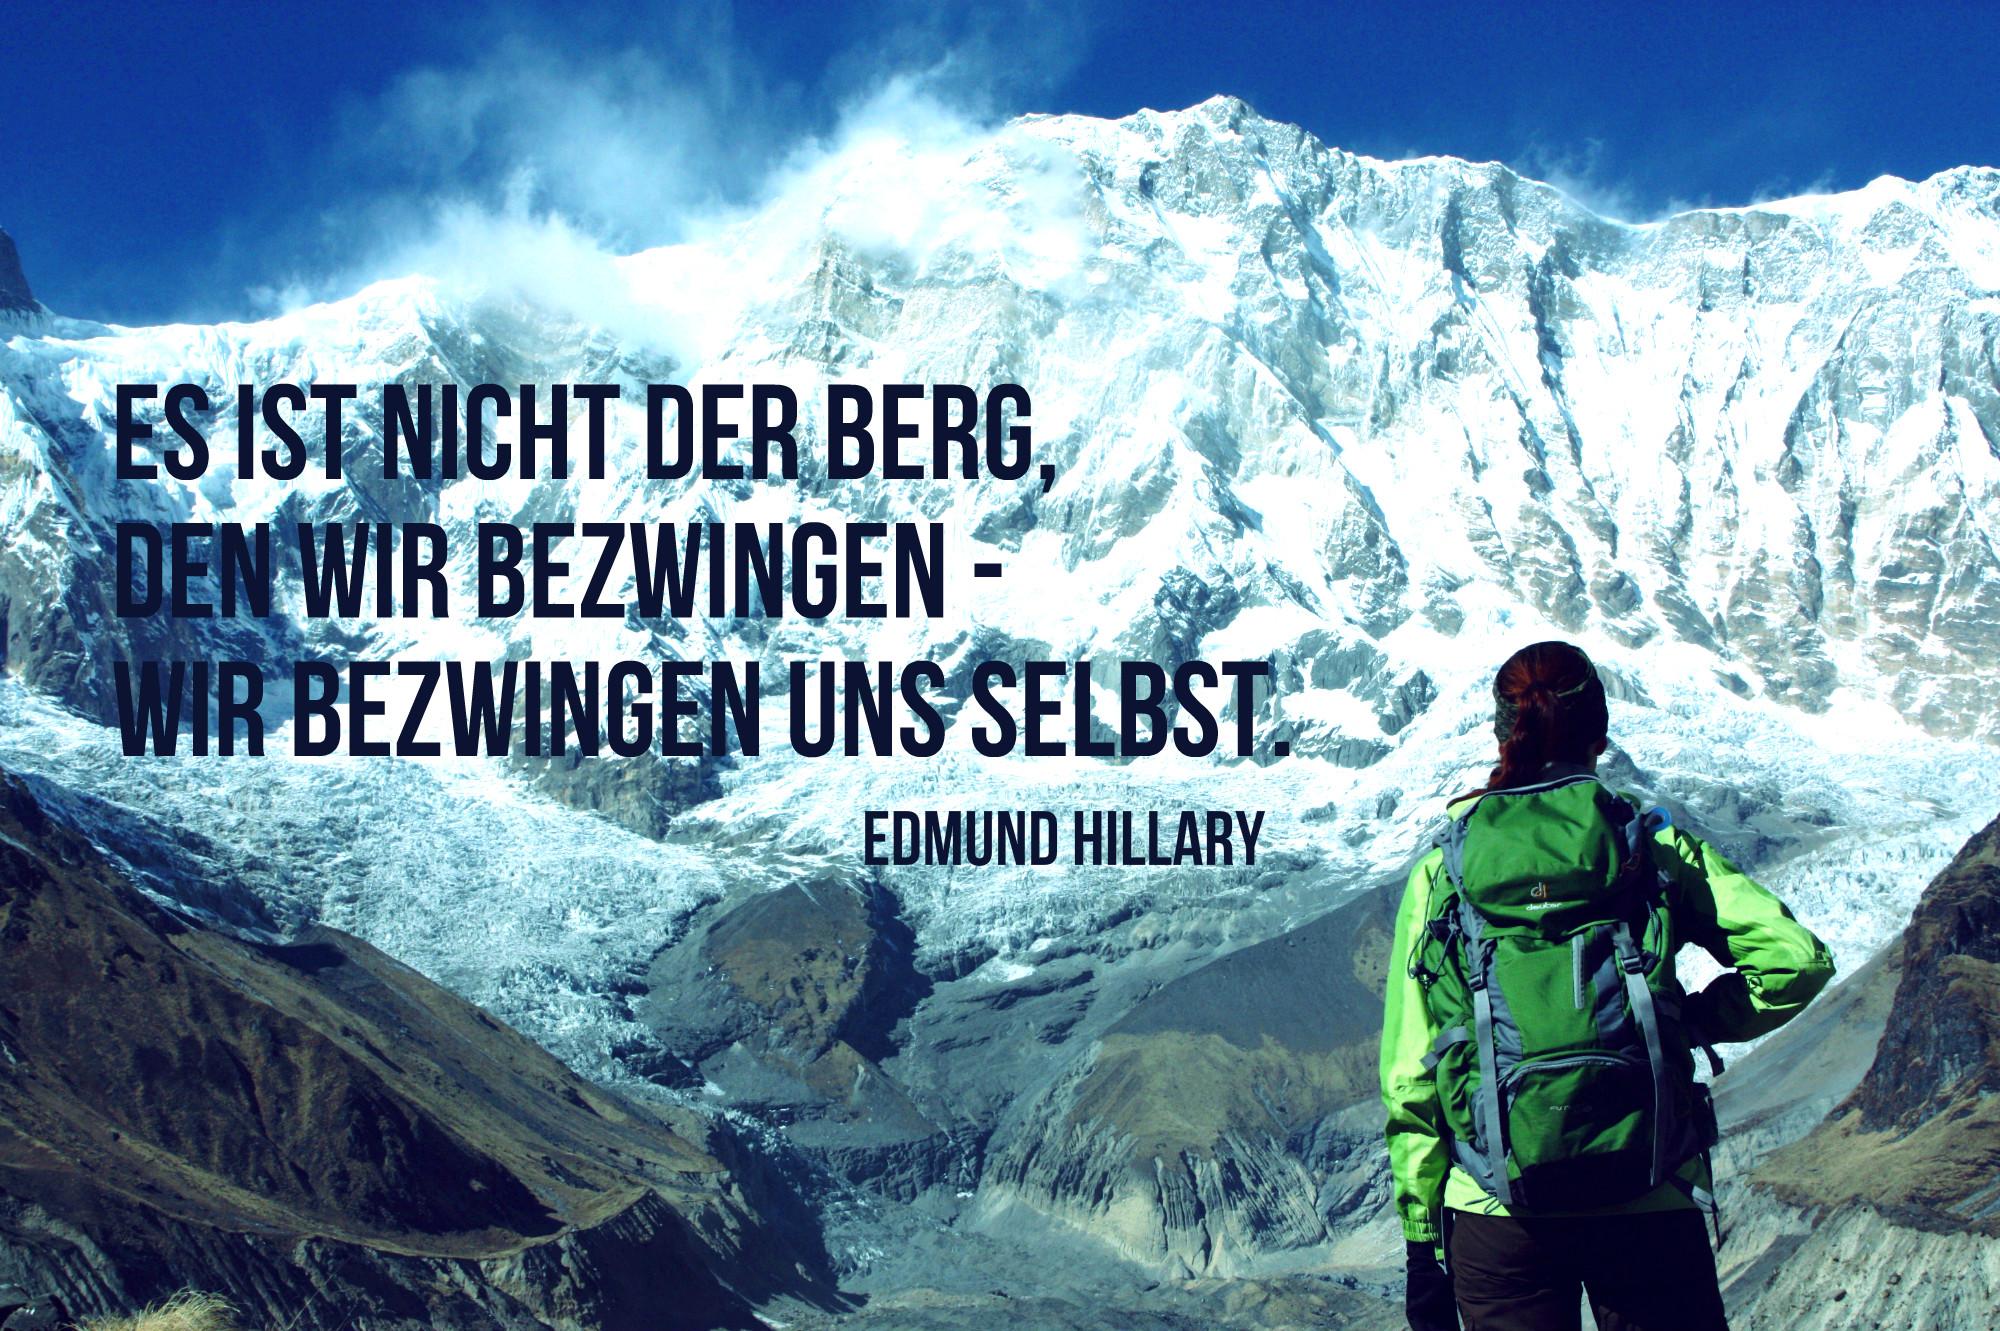 Es ist nicht der Berg, den wir bezwingen - wir bezwingen uns selbst.